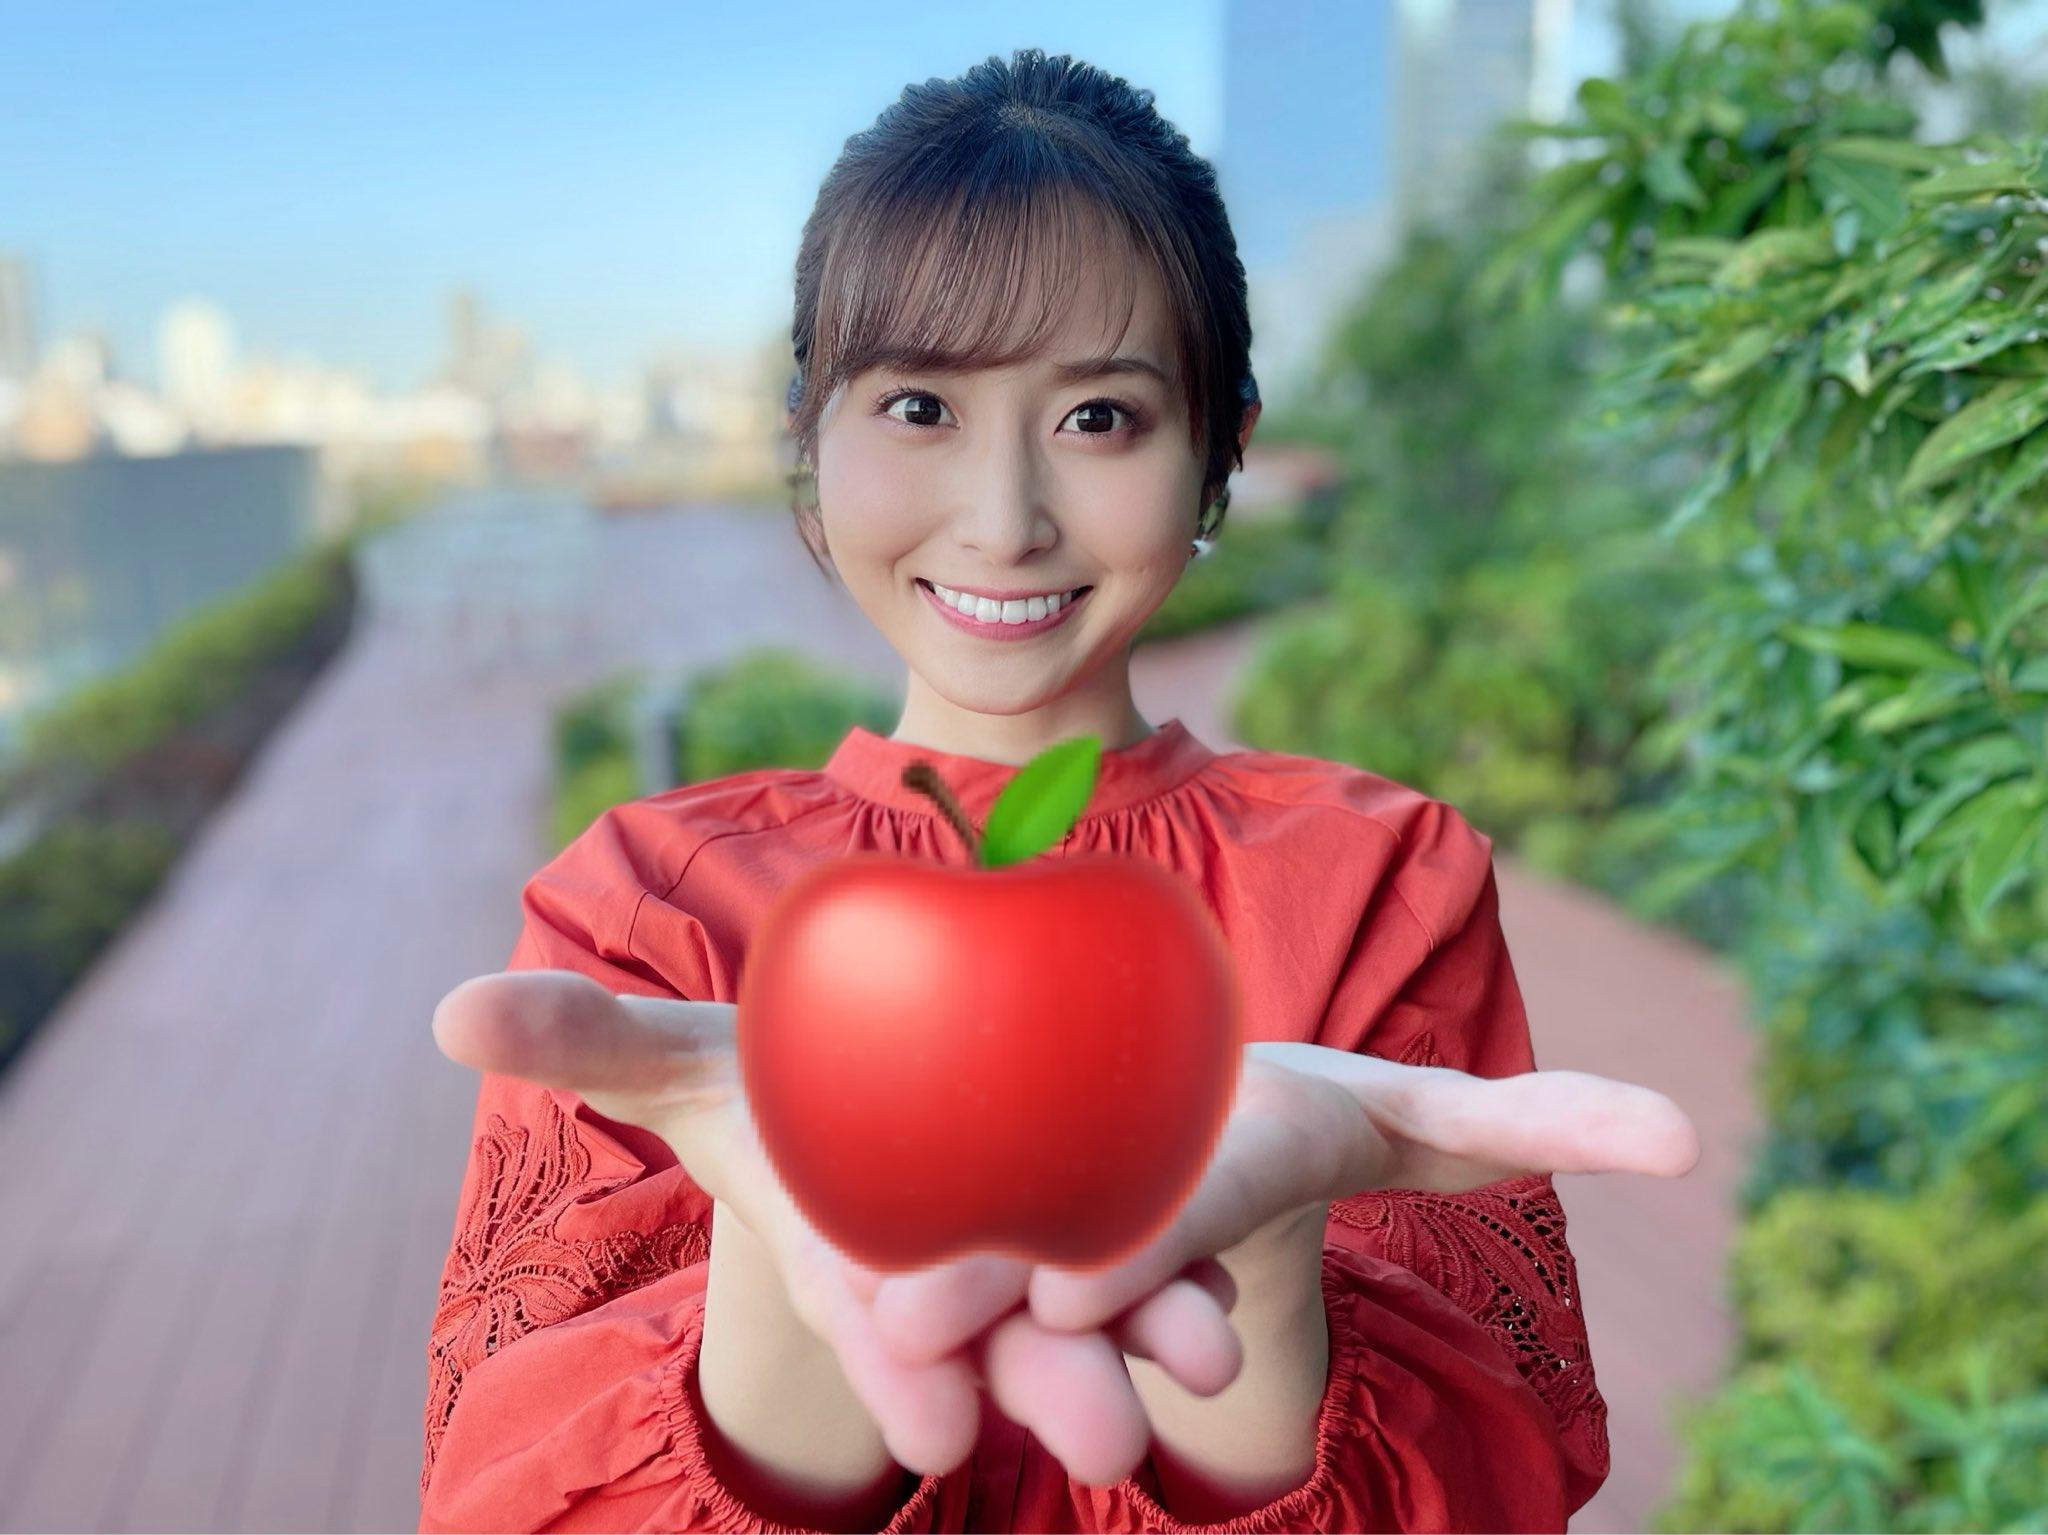 【NMB48】YTVすまたんのアイドル天気で「高嶺の林檎」が採用されちっひー・かれんたん歓喜